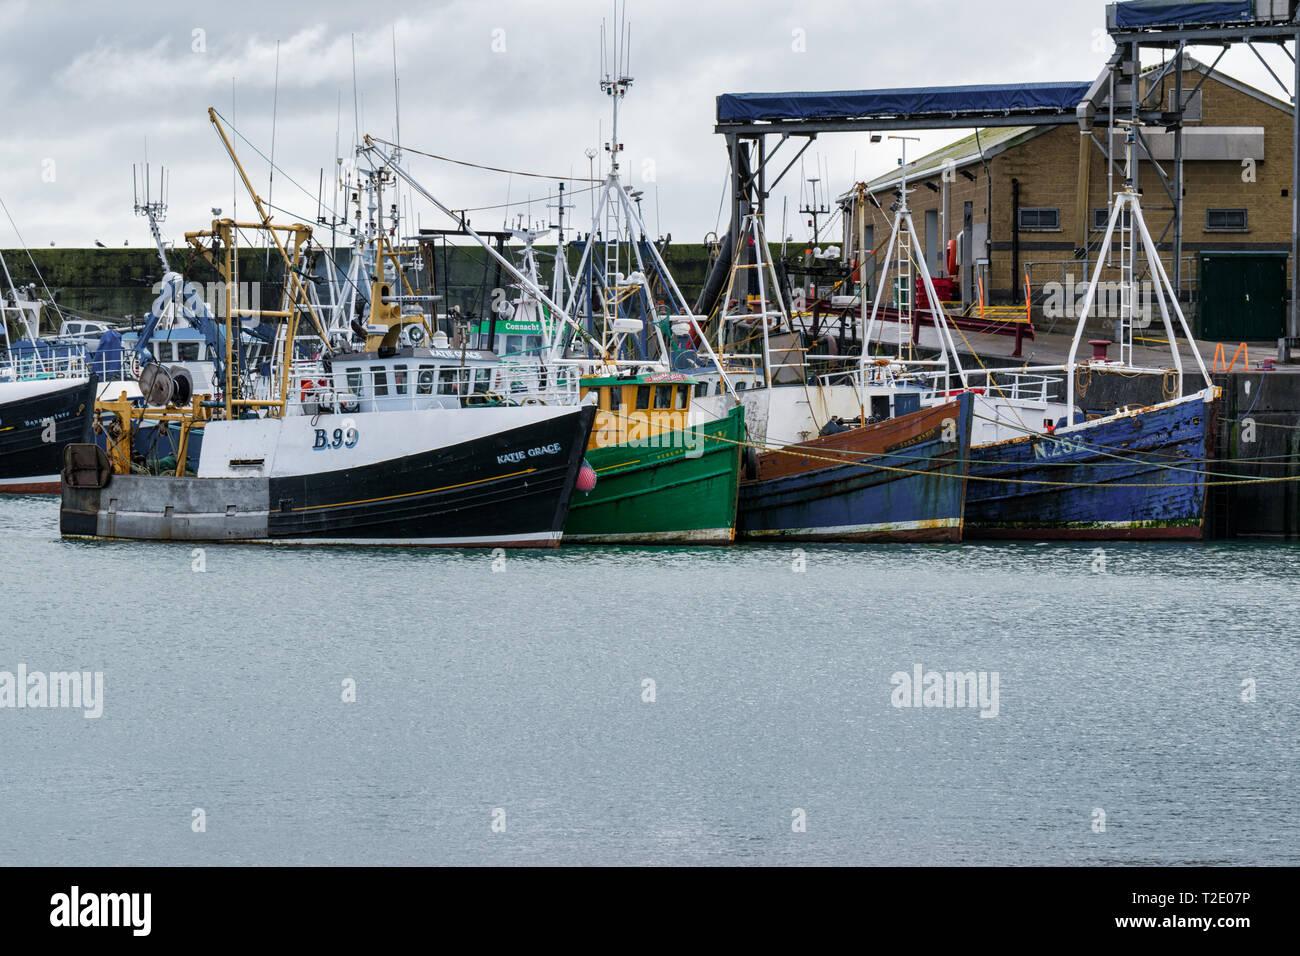 Ardgalss, Irlanda del Norte - 17 de marzo de 2019 : Esta es una foto de Ardglass Harbour y su flota de barcos de pesca en el Condado de Down, Irlanda del Norte Imagen De Stock